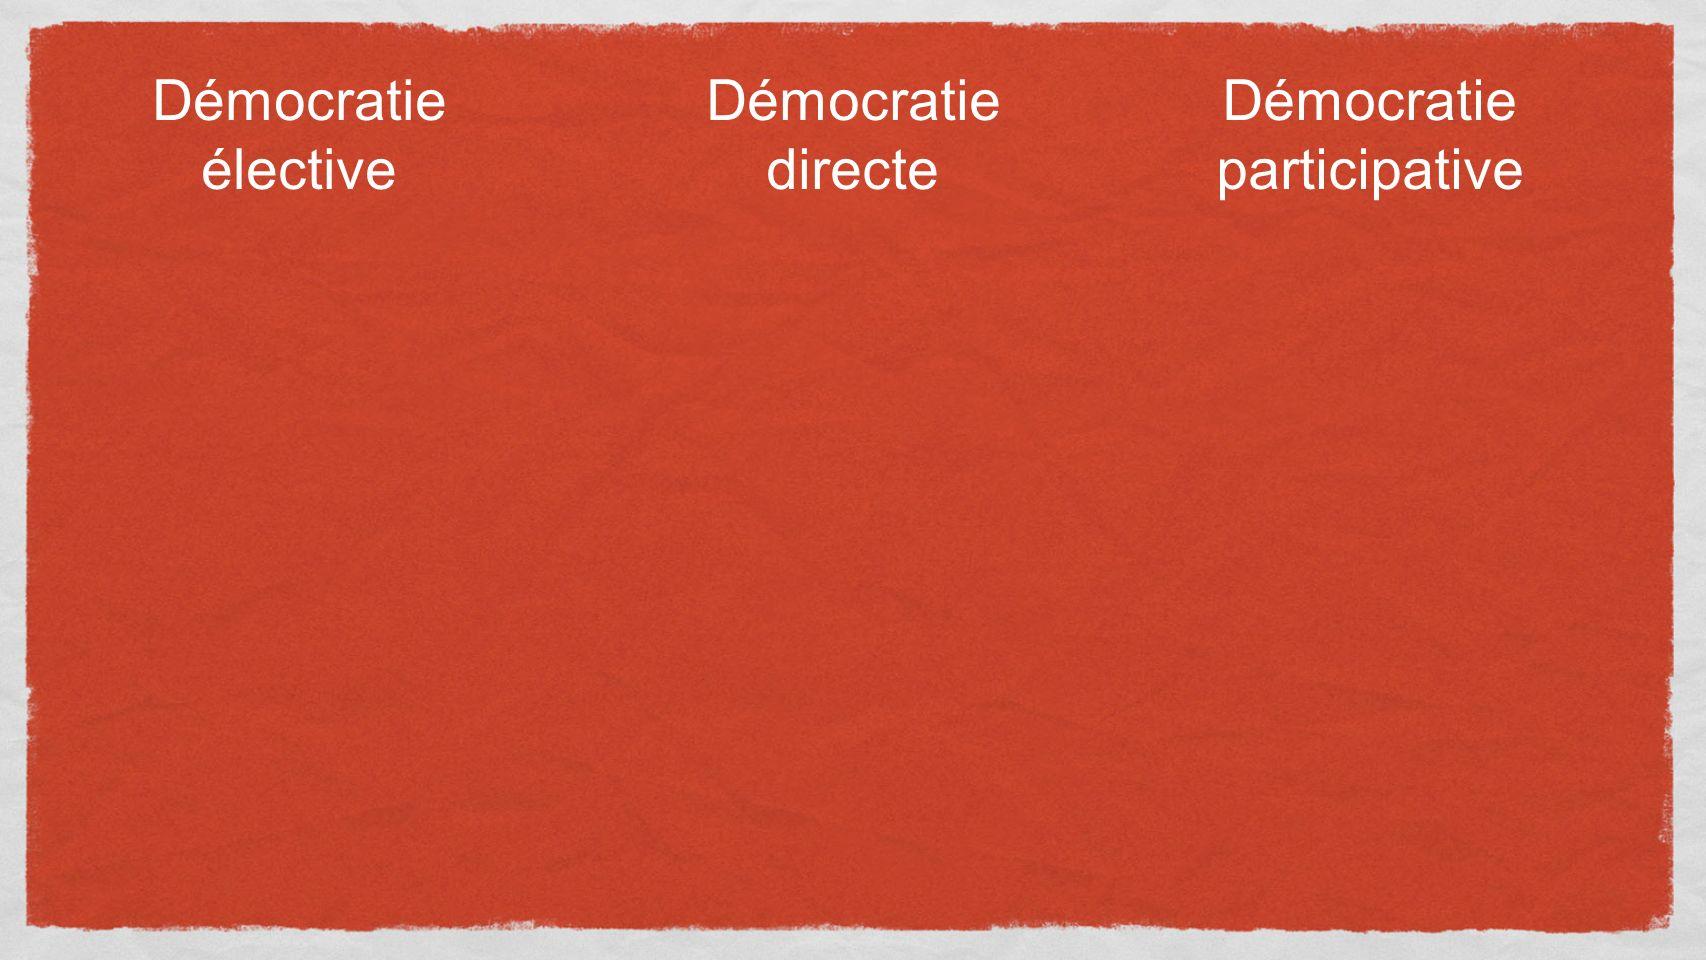 Démocratie élective Démocratie directe Démocratie participative